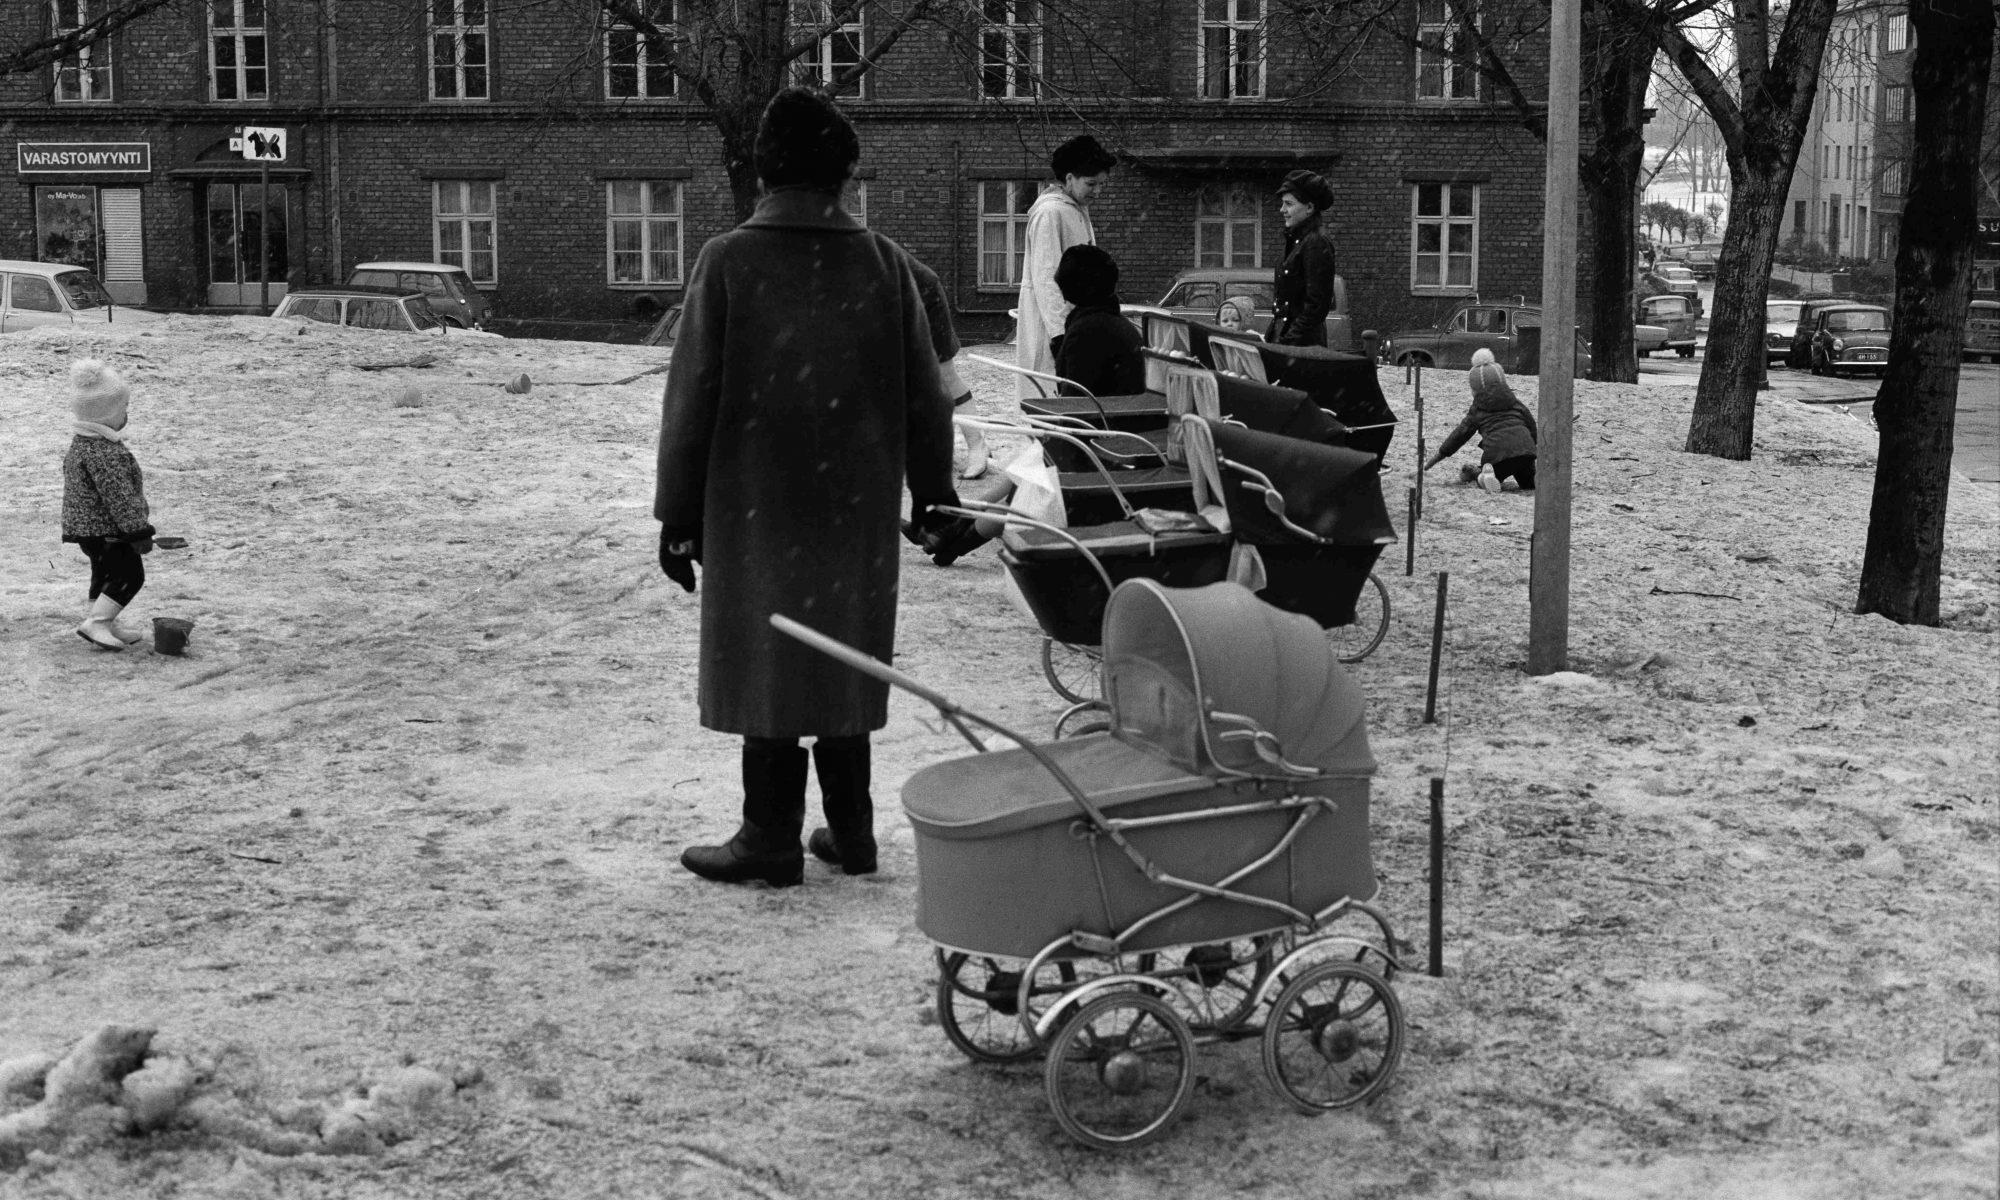 Lastenrattaita rivissä puistossa vanhassa valokuvassa